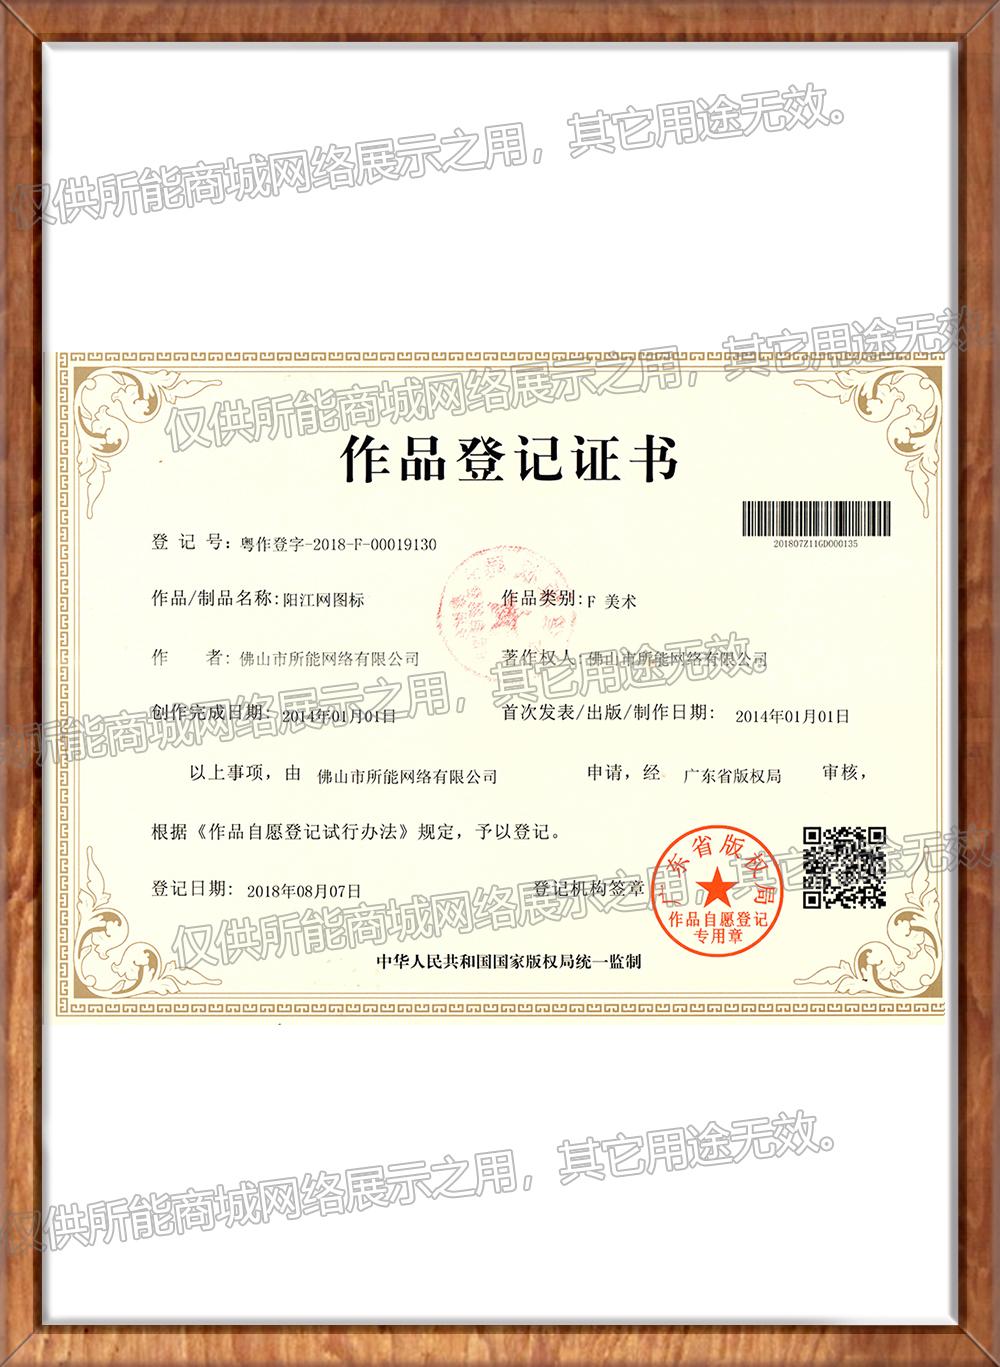 《阳江网图标》作品登记证书